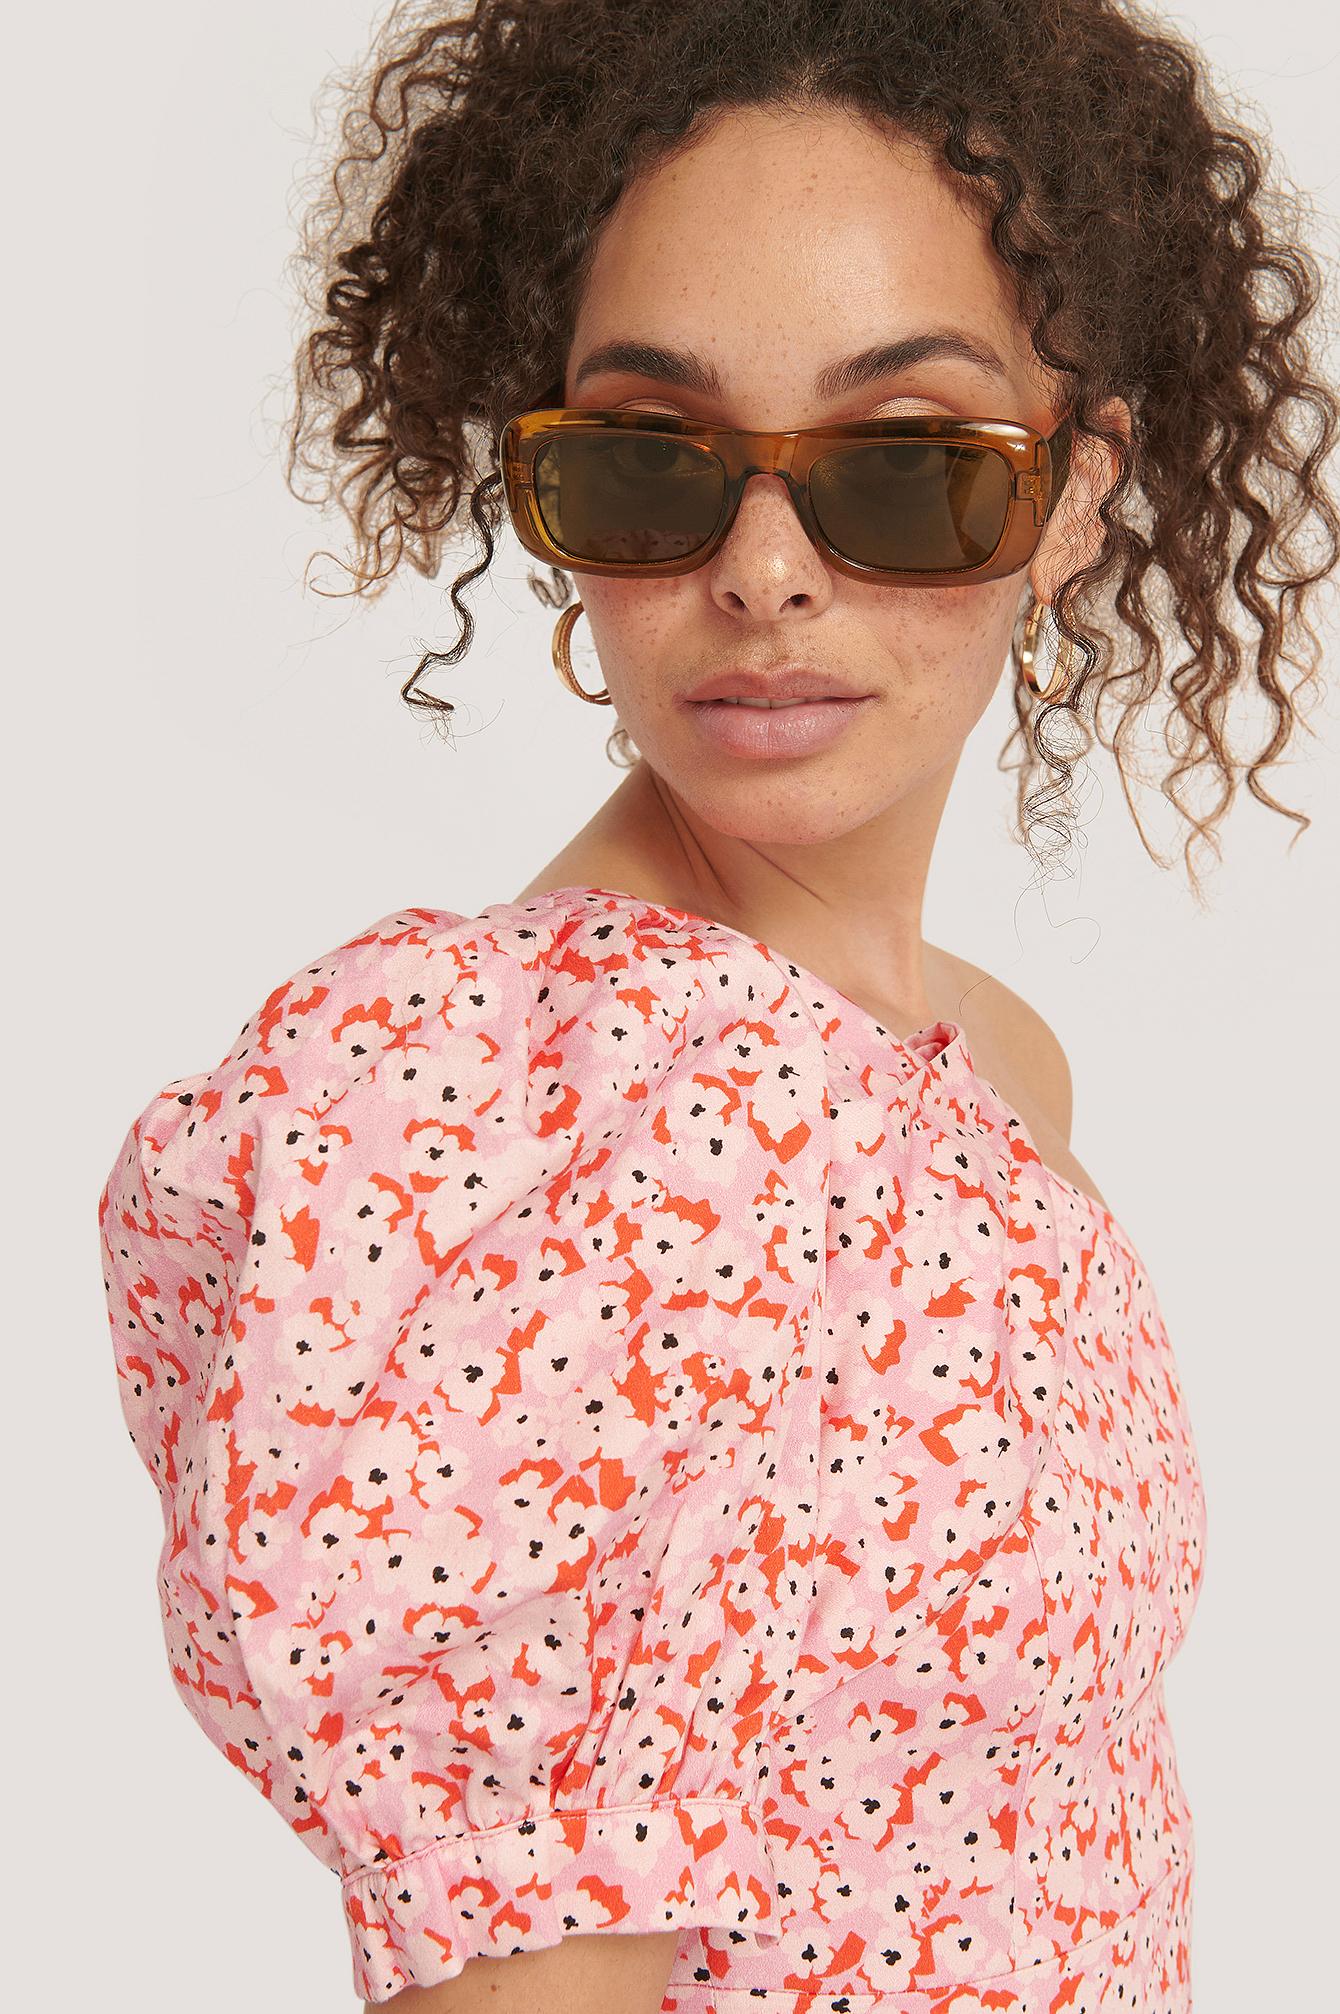 MANGO Sonnenbrille - Copper | Accessoires > Sonnenbrillen | Mango